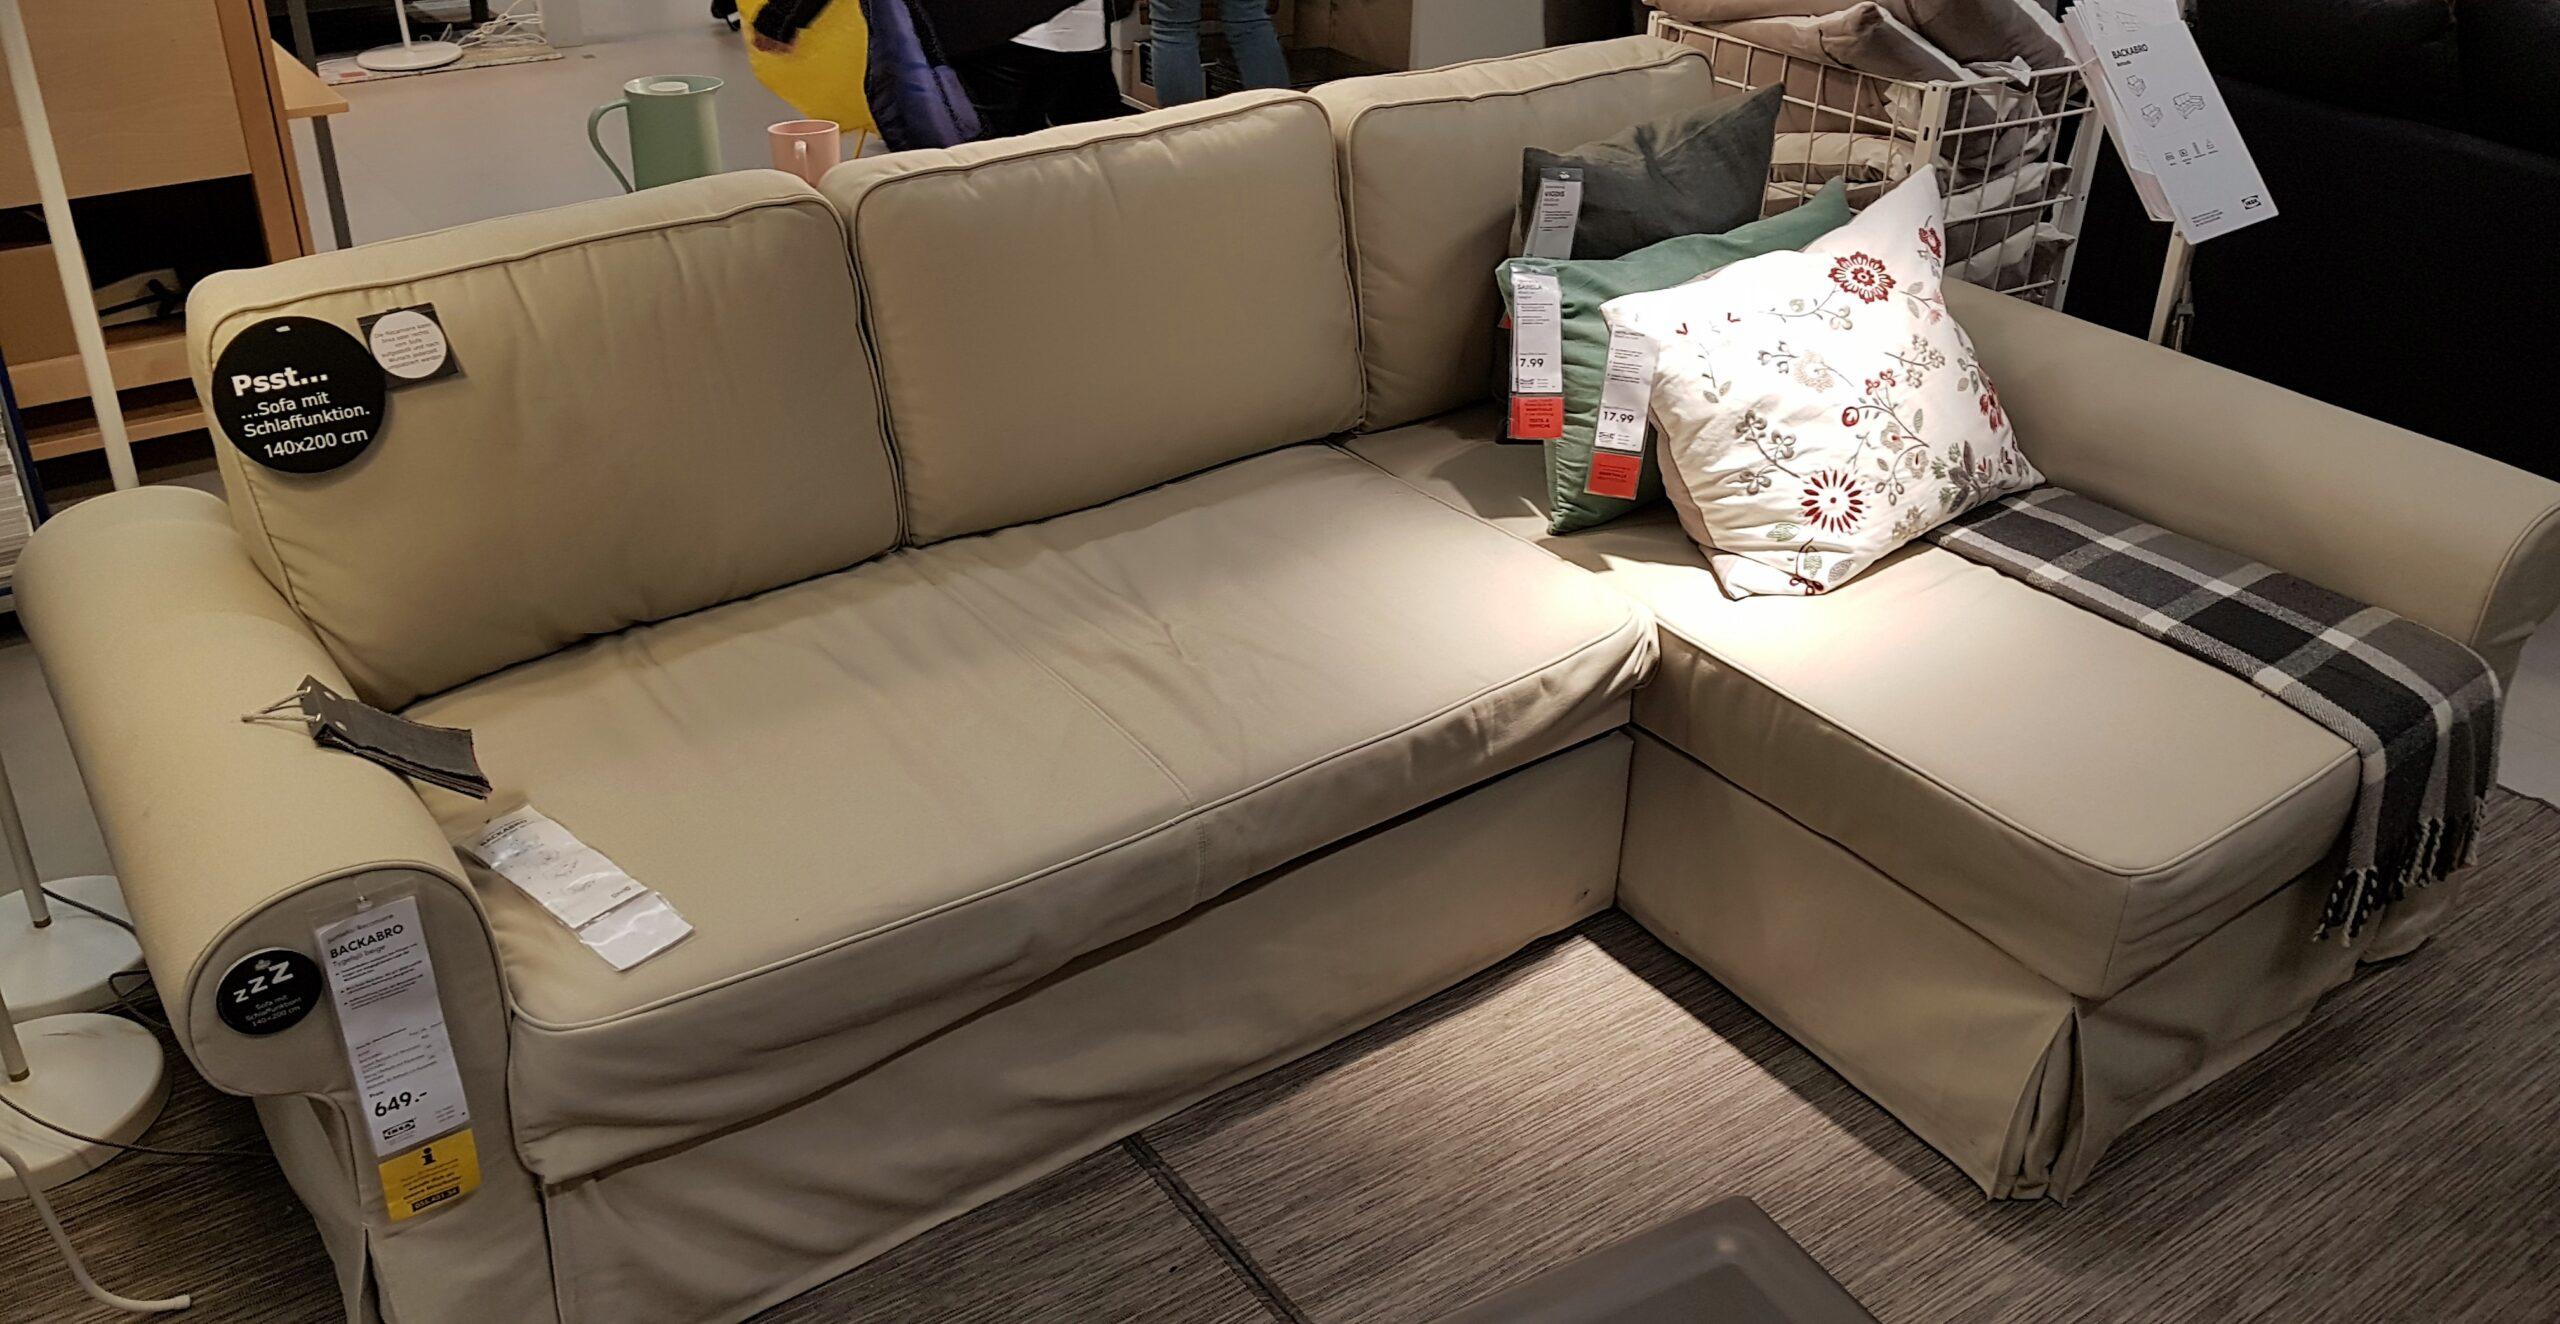 Full Size of Ikea Sofa Mit Schlaffunktion Bettfunktion Grau 3er Ecksofa L Couch Ektorp Und Bettkasten Gebraucht 3 Sitzer Kleines Schlafsofa Test Erfahrungen Besten Sofa Ikea Sofa Mit Schlaffunktion